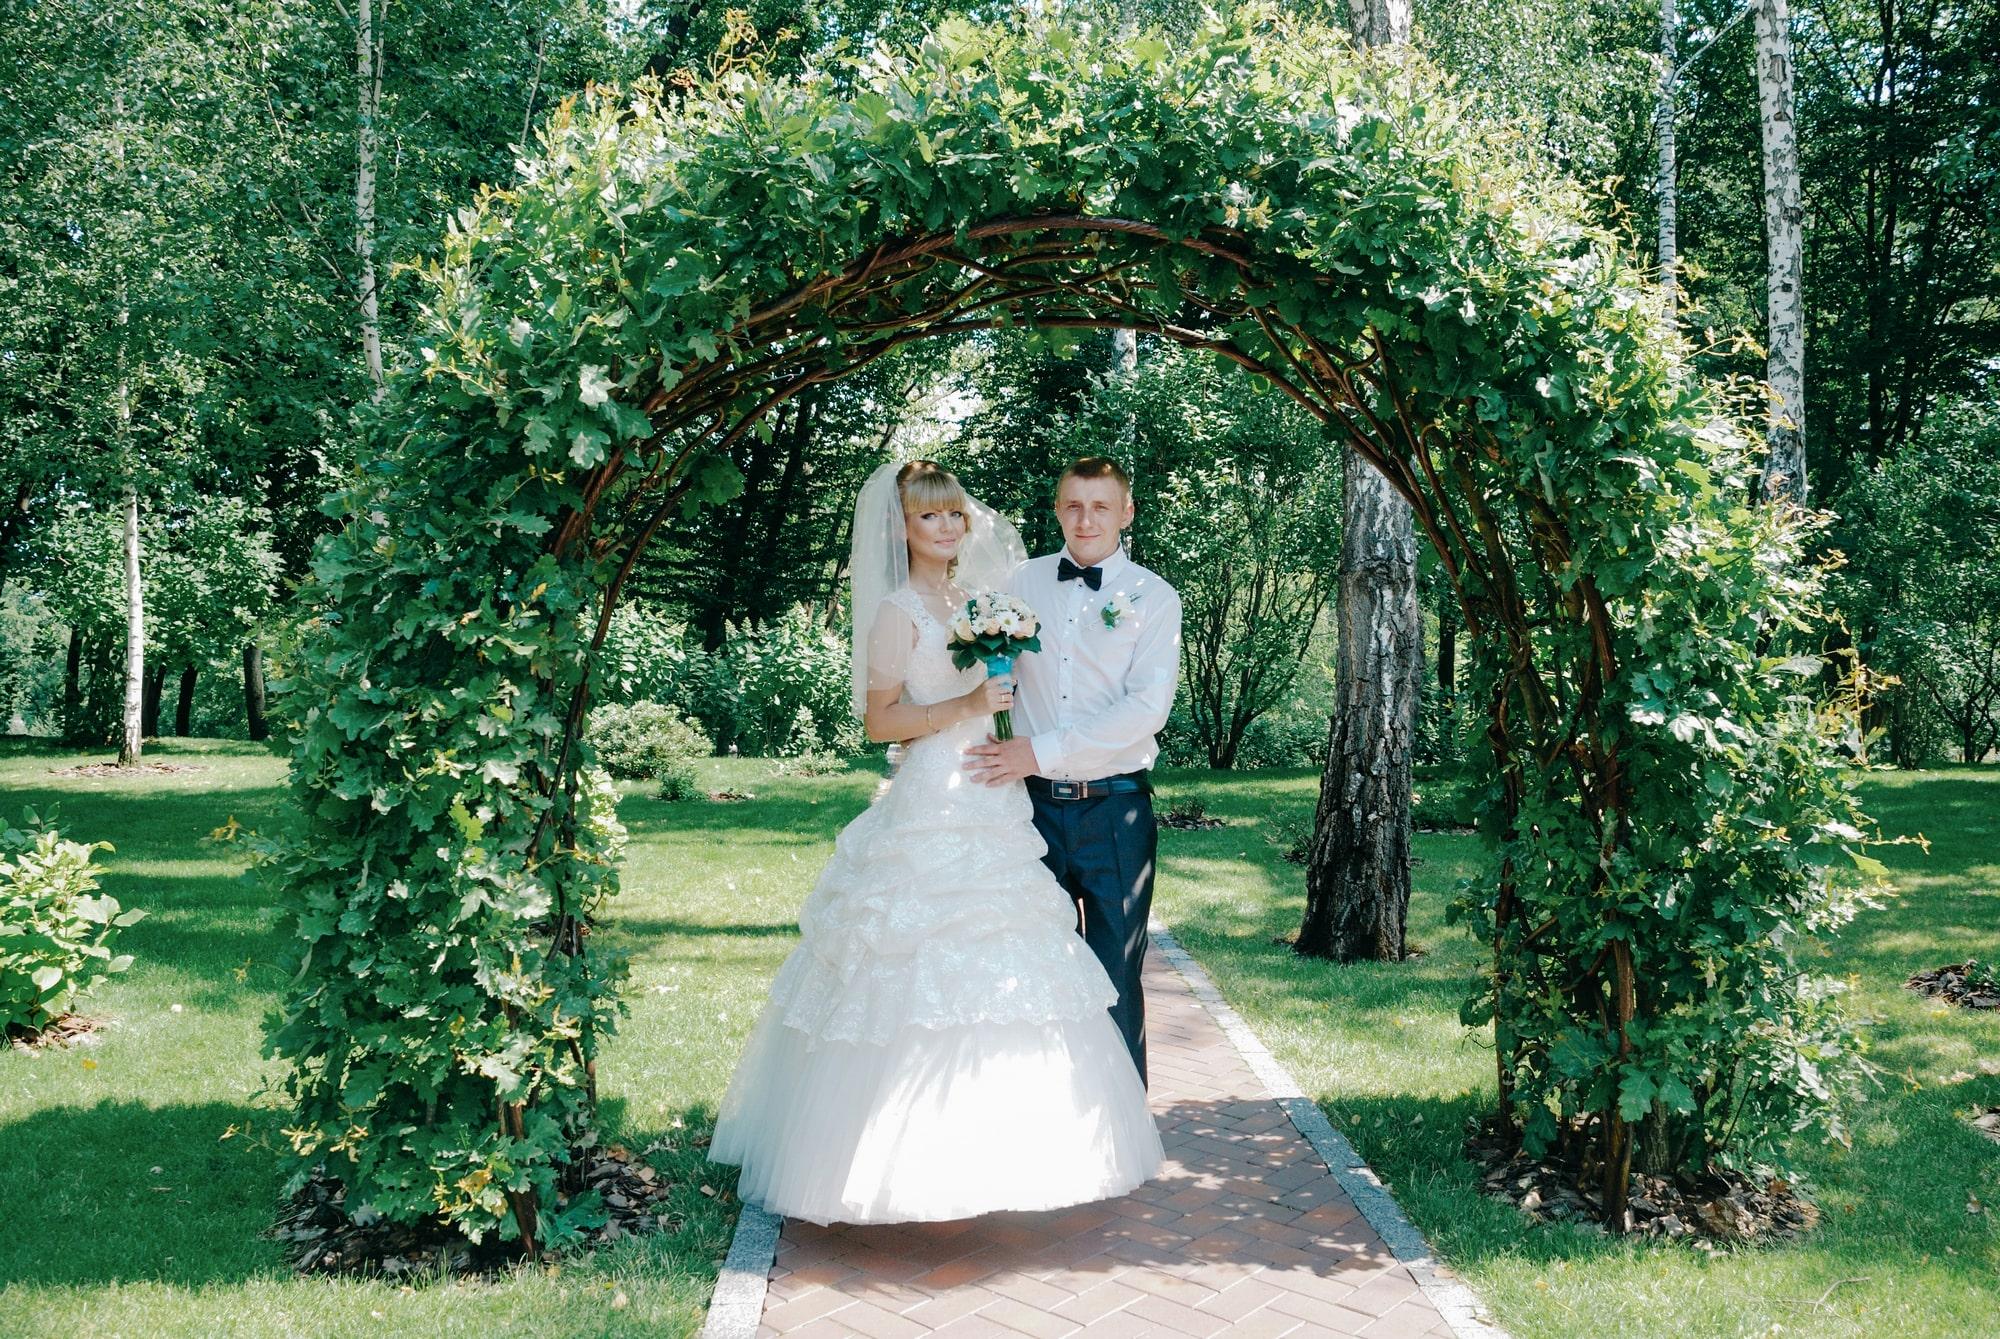 Невеста и жених под зеленой аркой - Фотограф Киев - Женя Лайт